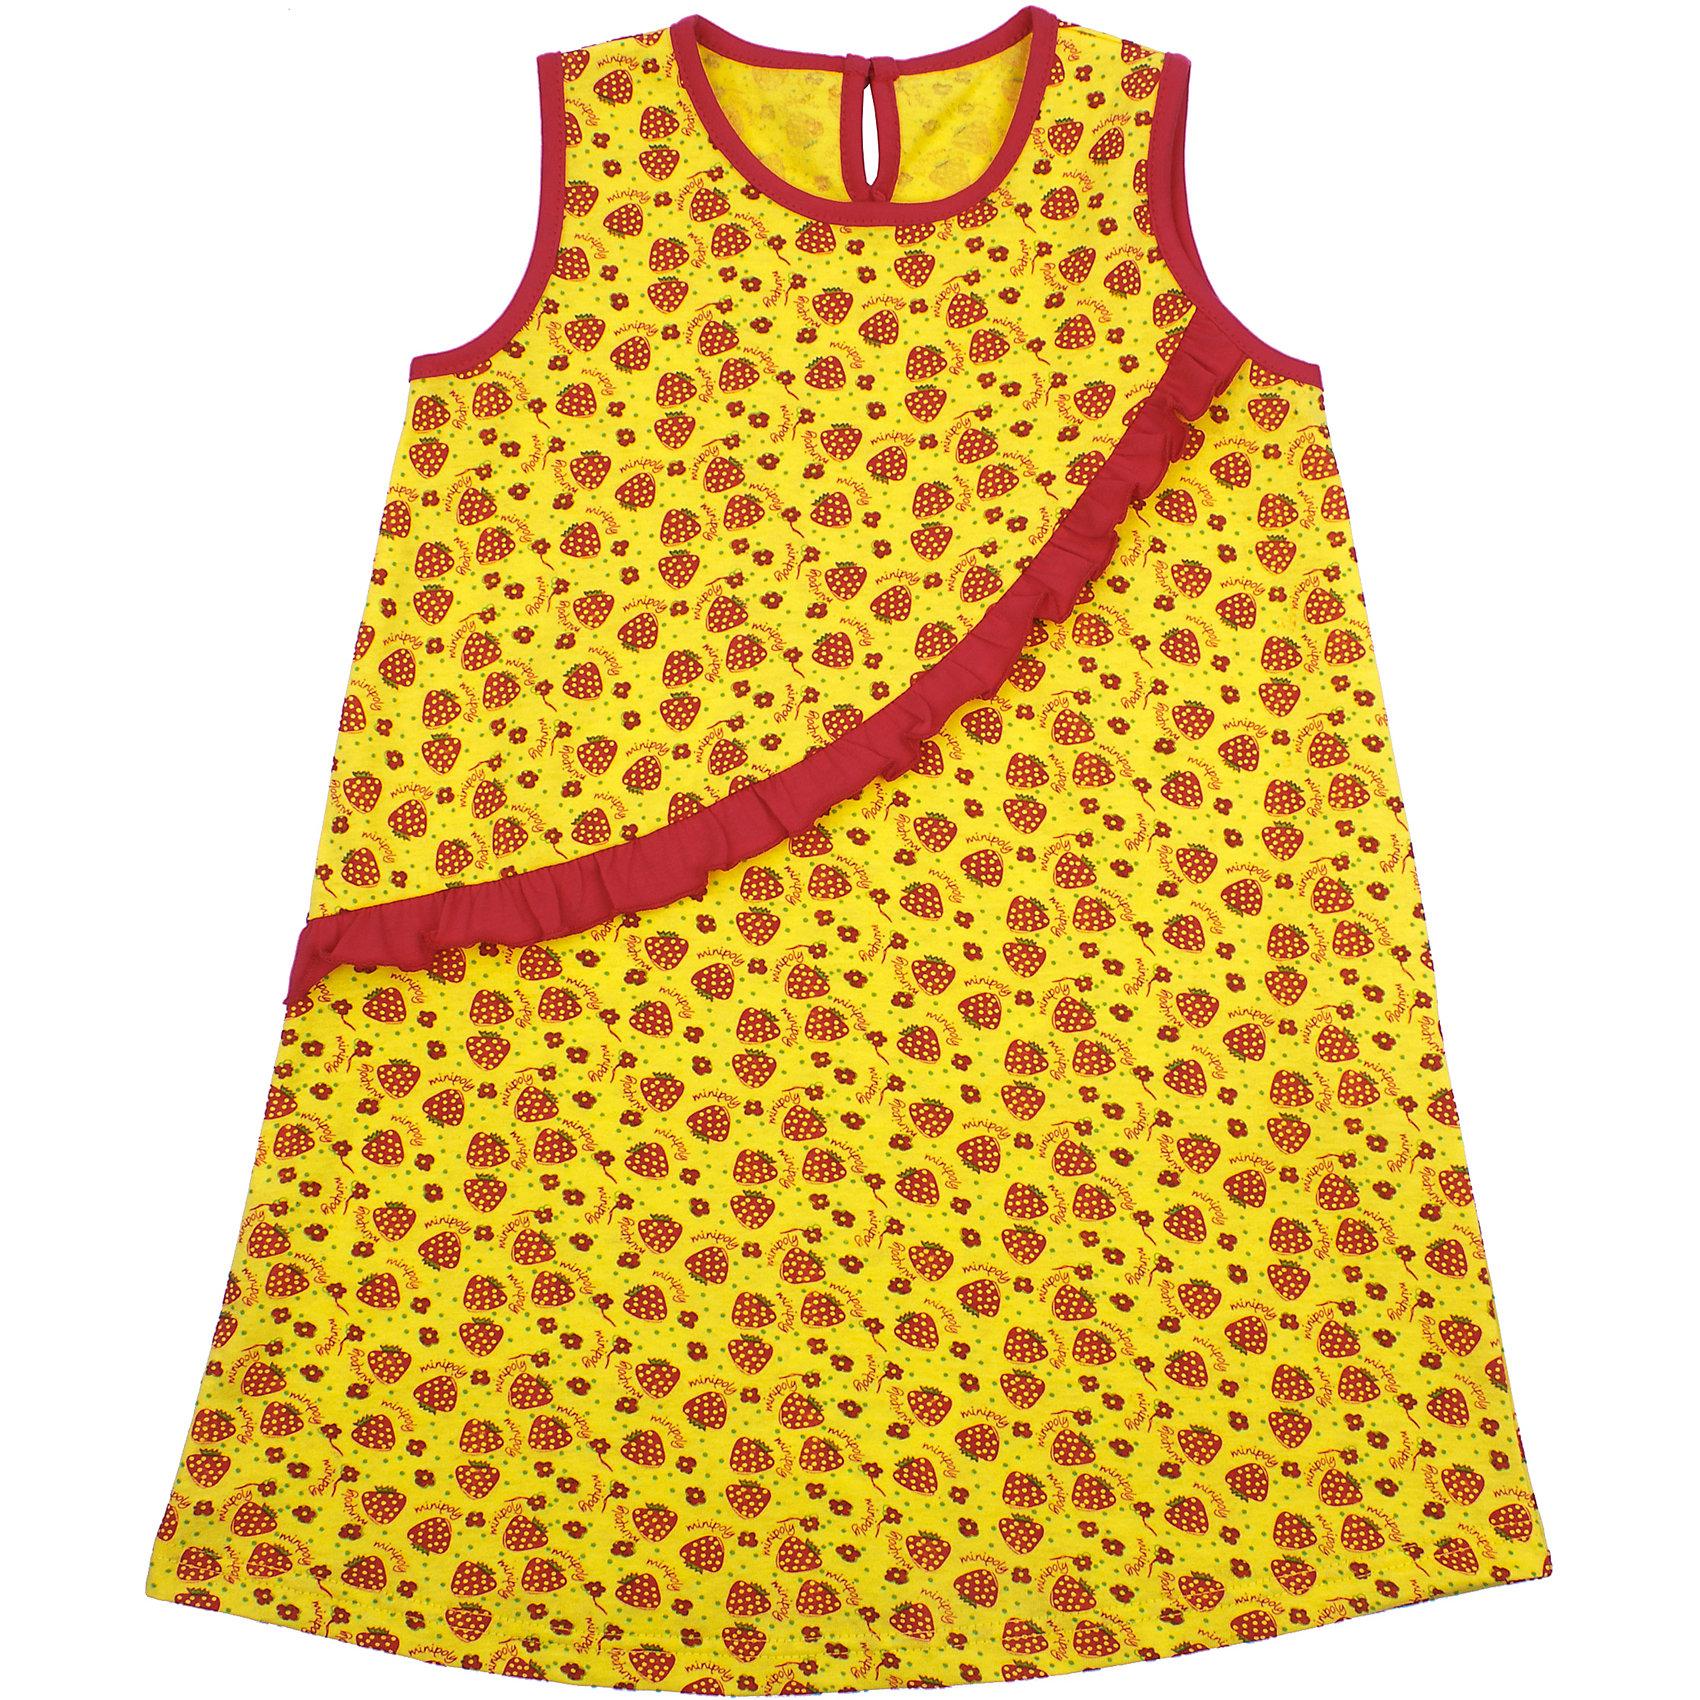 Сарафан для девочки АпрельПлатья и сарафаны<br>Характеристики товара:<br><br>• цвет: желтый<br>• состав: 100% хлопок<br>• свободный силуэт<br>• застежка: пуговица<br>• принт<br>• декорирован оборкой<br>• комфортная посадка<br>• страна производитель: Российская Федерация<br>• страна бренда: Российская Федерация<br><br>Этот симпатичный сарафан - удобная и универсальная вещь, которая поможет разнообразить гардероб ребенка. Он комфортно ощущается на теле, хорошо садится по детской фигуре. Изделие отлично сочетается с различной обувью. Материал состоит из хлопка, который не вызывает аллергии и позволяет коже дышать.<br><br>Сарафан для девочки от известного бренда Апрель можно купить в нашем интернет-магазине.<br><br>Ширина мм: 236<br>Глубина мм: 16<br>Высота мм: 184<br>Вес г: 177<br>Цвет: желтый<br>Возраст от месяцев: 60<br>Возраст до месяцев: 72<br>Пол: Женский<br>Возраст: Детский<br>Размер: 116,98,104,110,122,128<br>SKU: 5438617